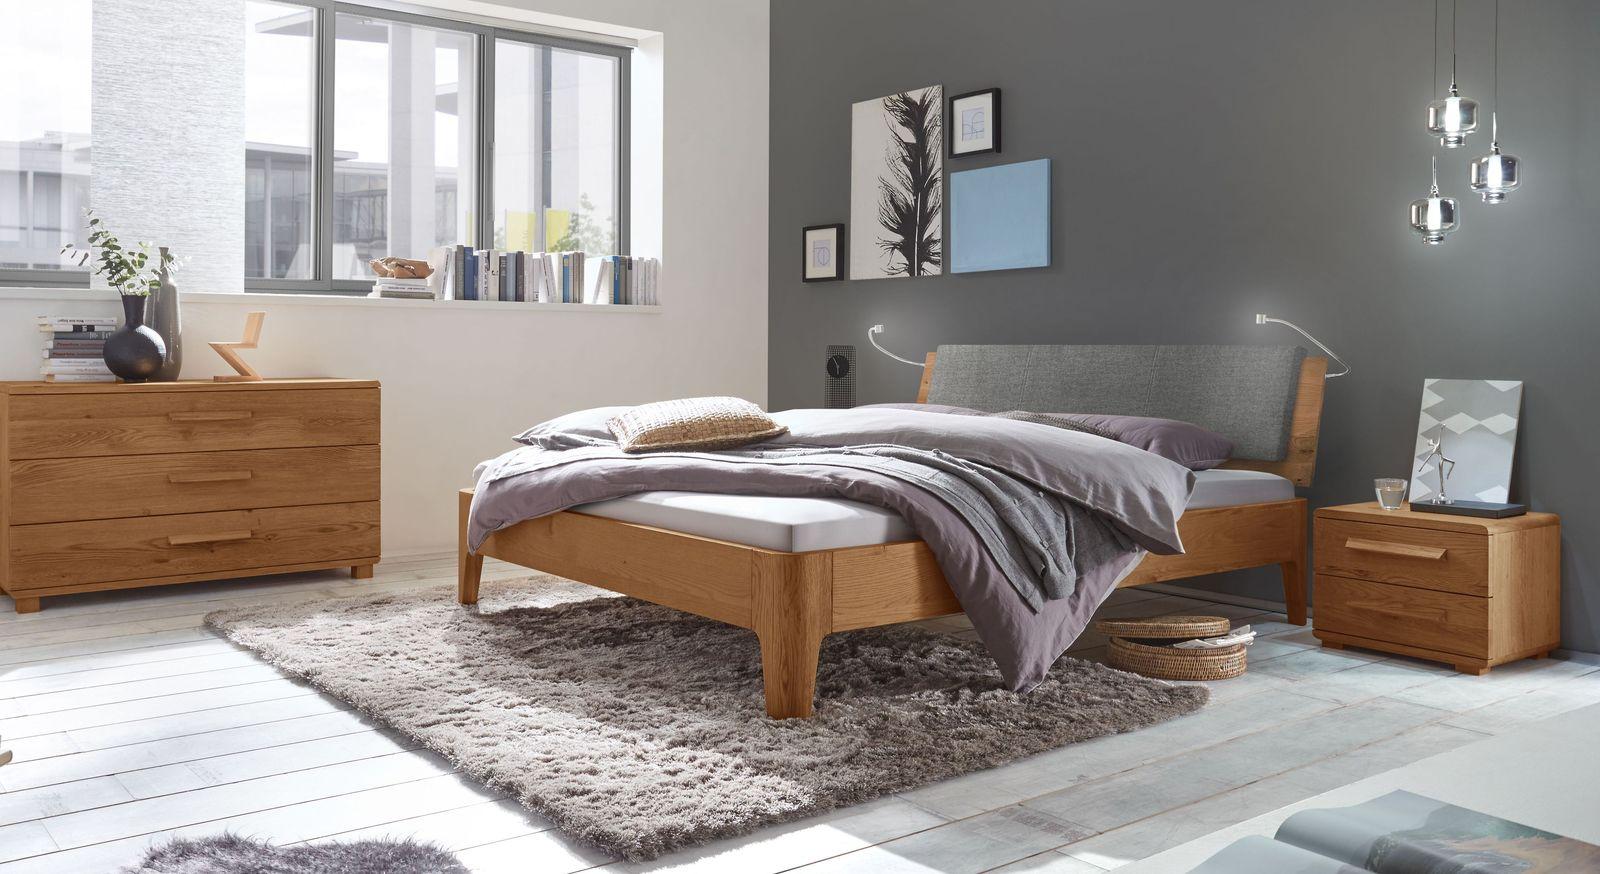 Bett Lugo mit passenden Accessoires fürs Schlafzimmer